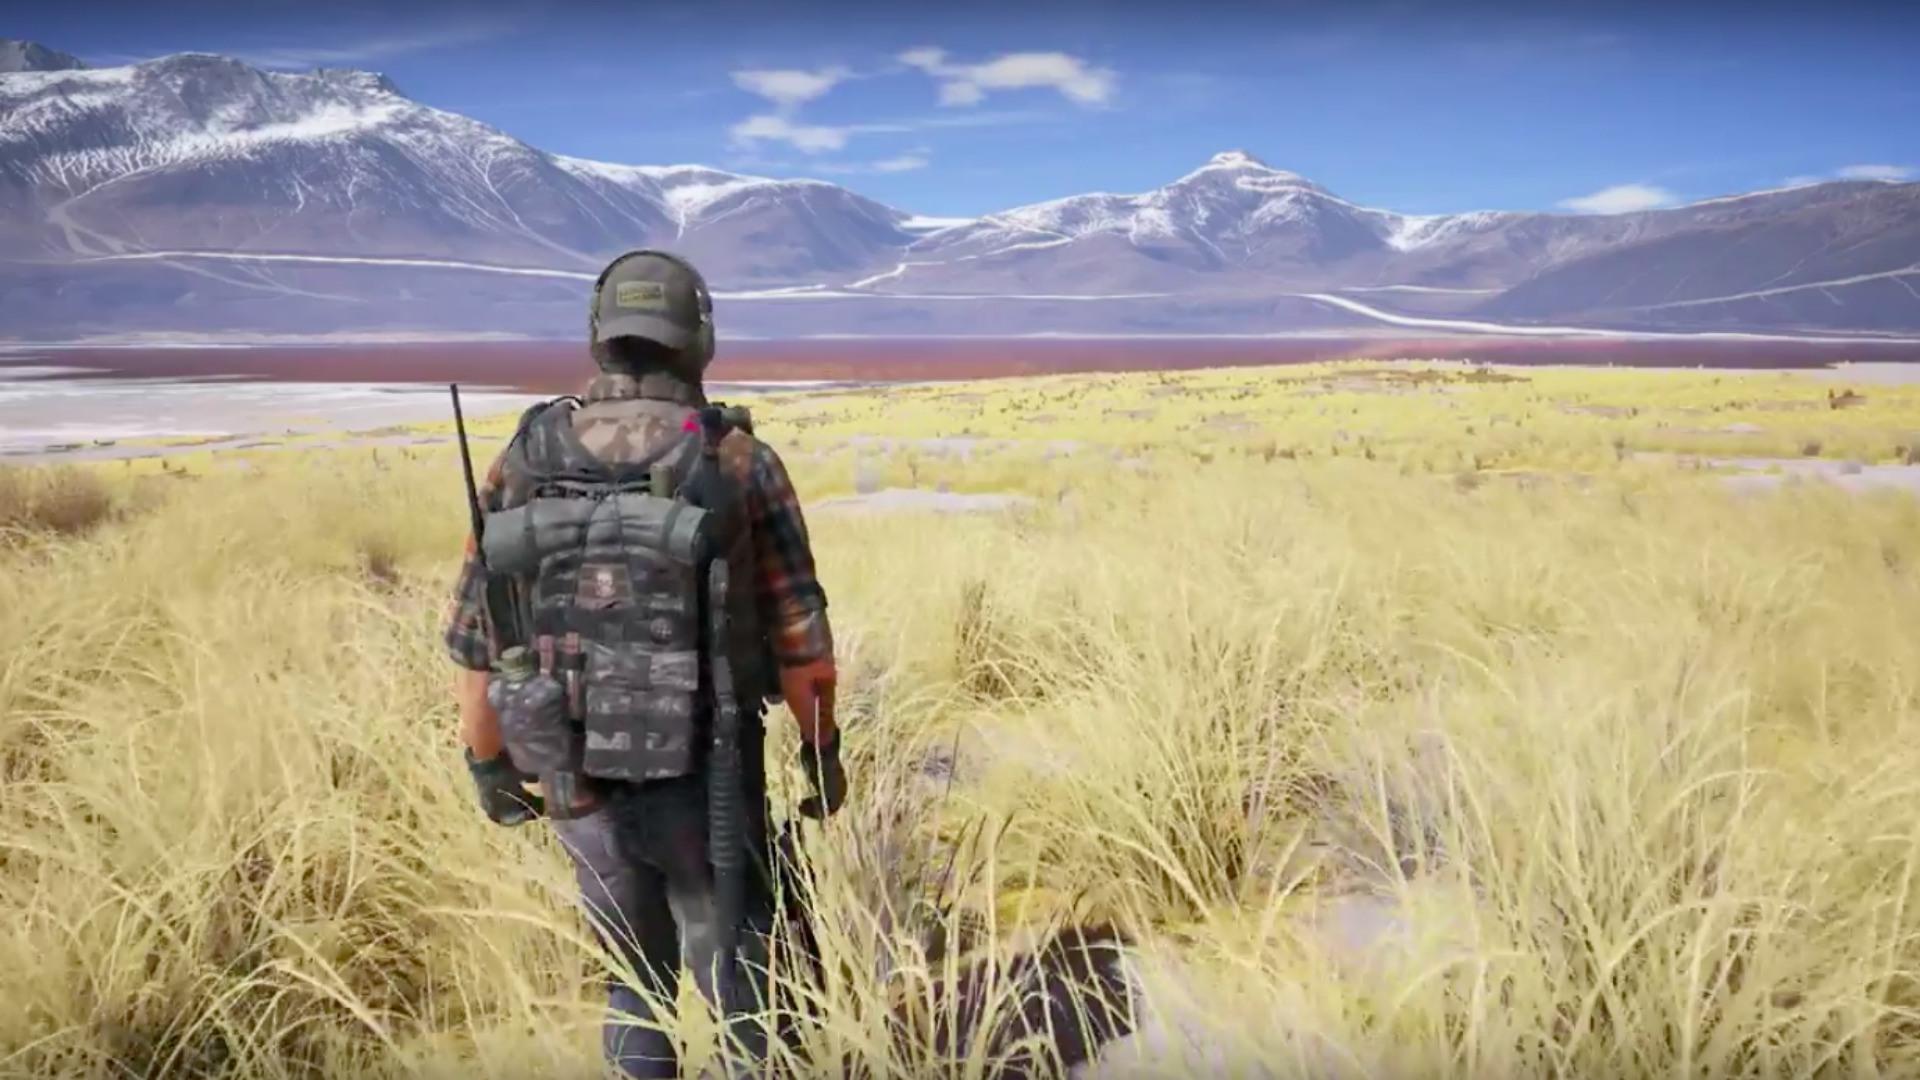 Ghost Recon Wildlands beta key